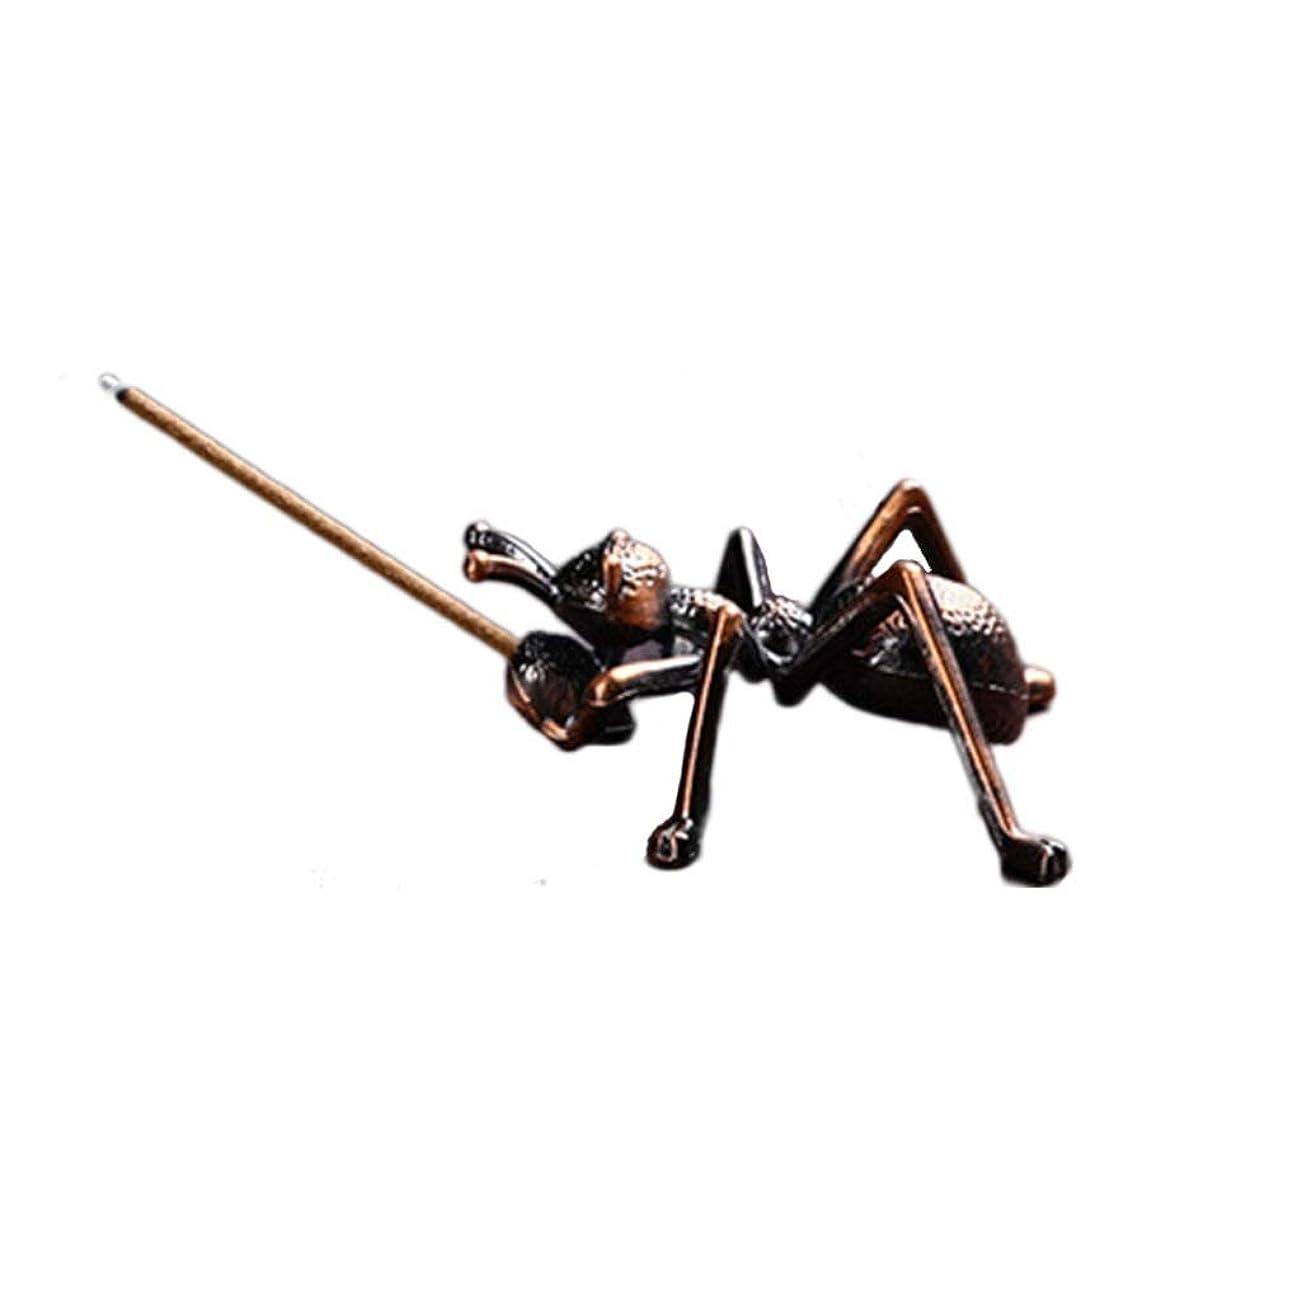 慣れているラリーアトムミニ香ホルダー合金蟻香バーナー小さな香ホルダーホーム香り装飾香スティックバーナーホルダー (Color : Brown, サイズ : 1.96*0.86inchs)